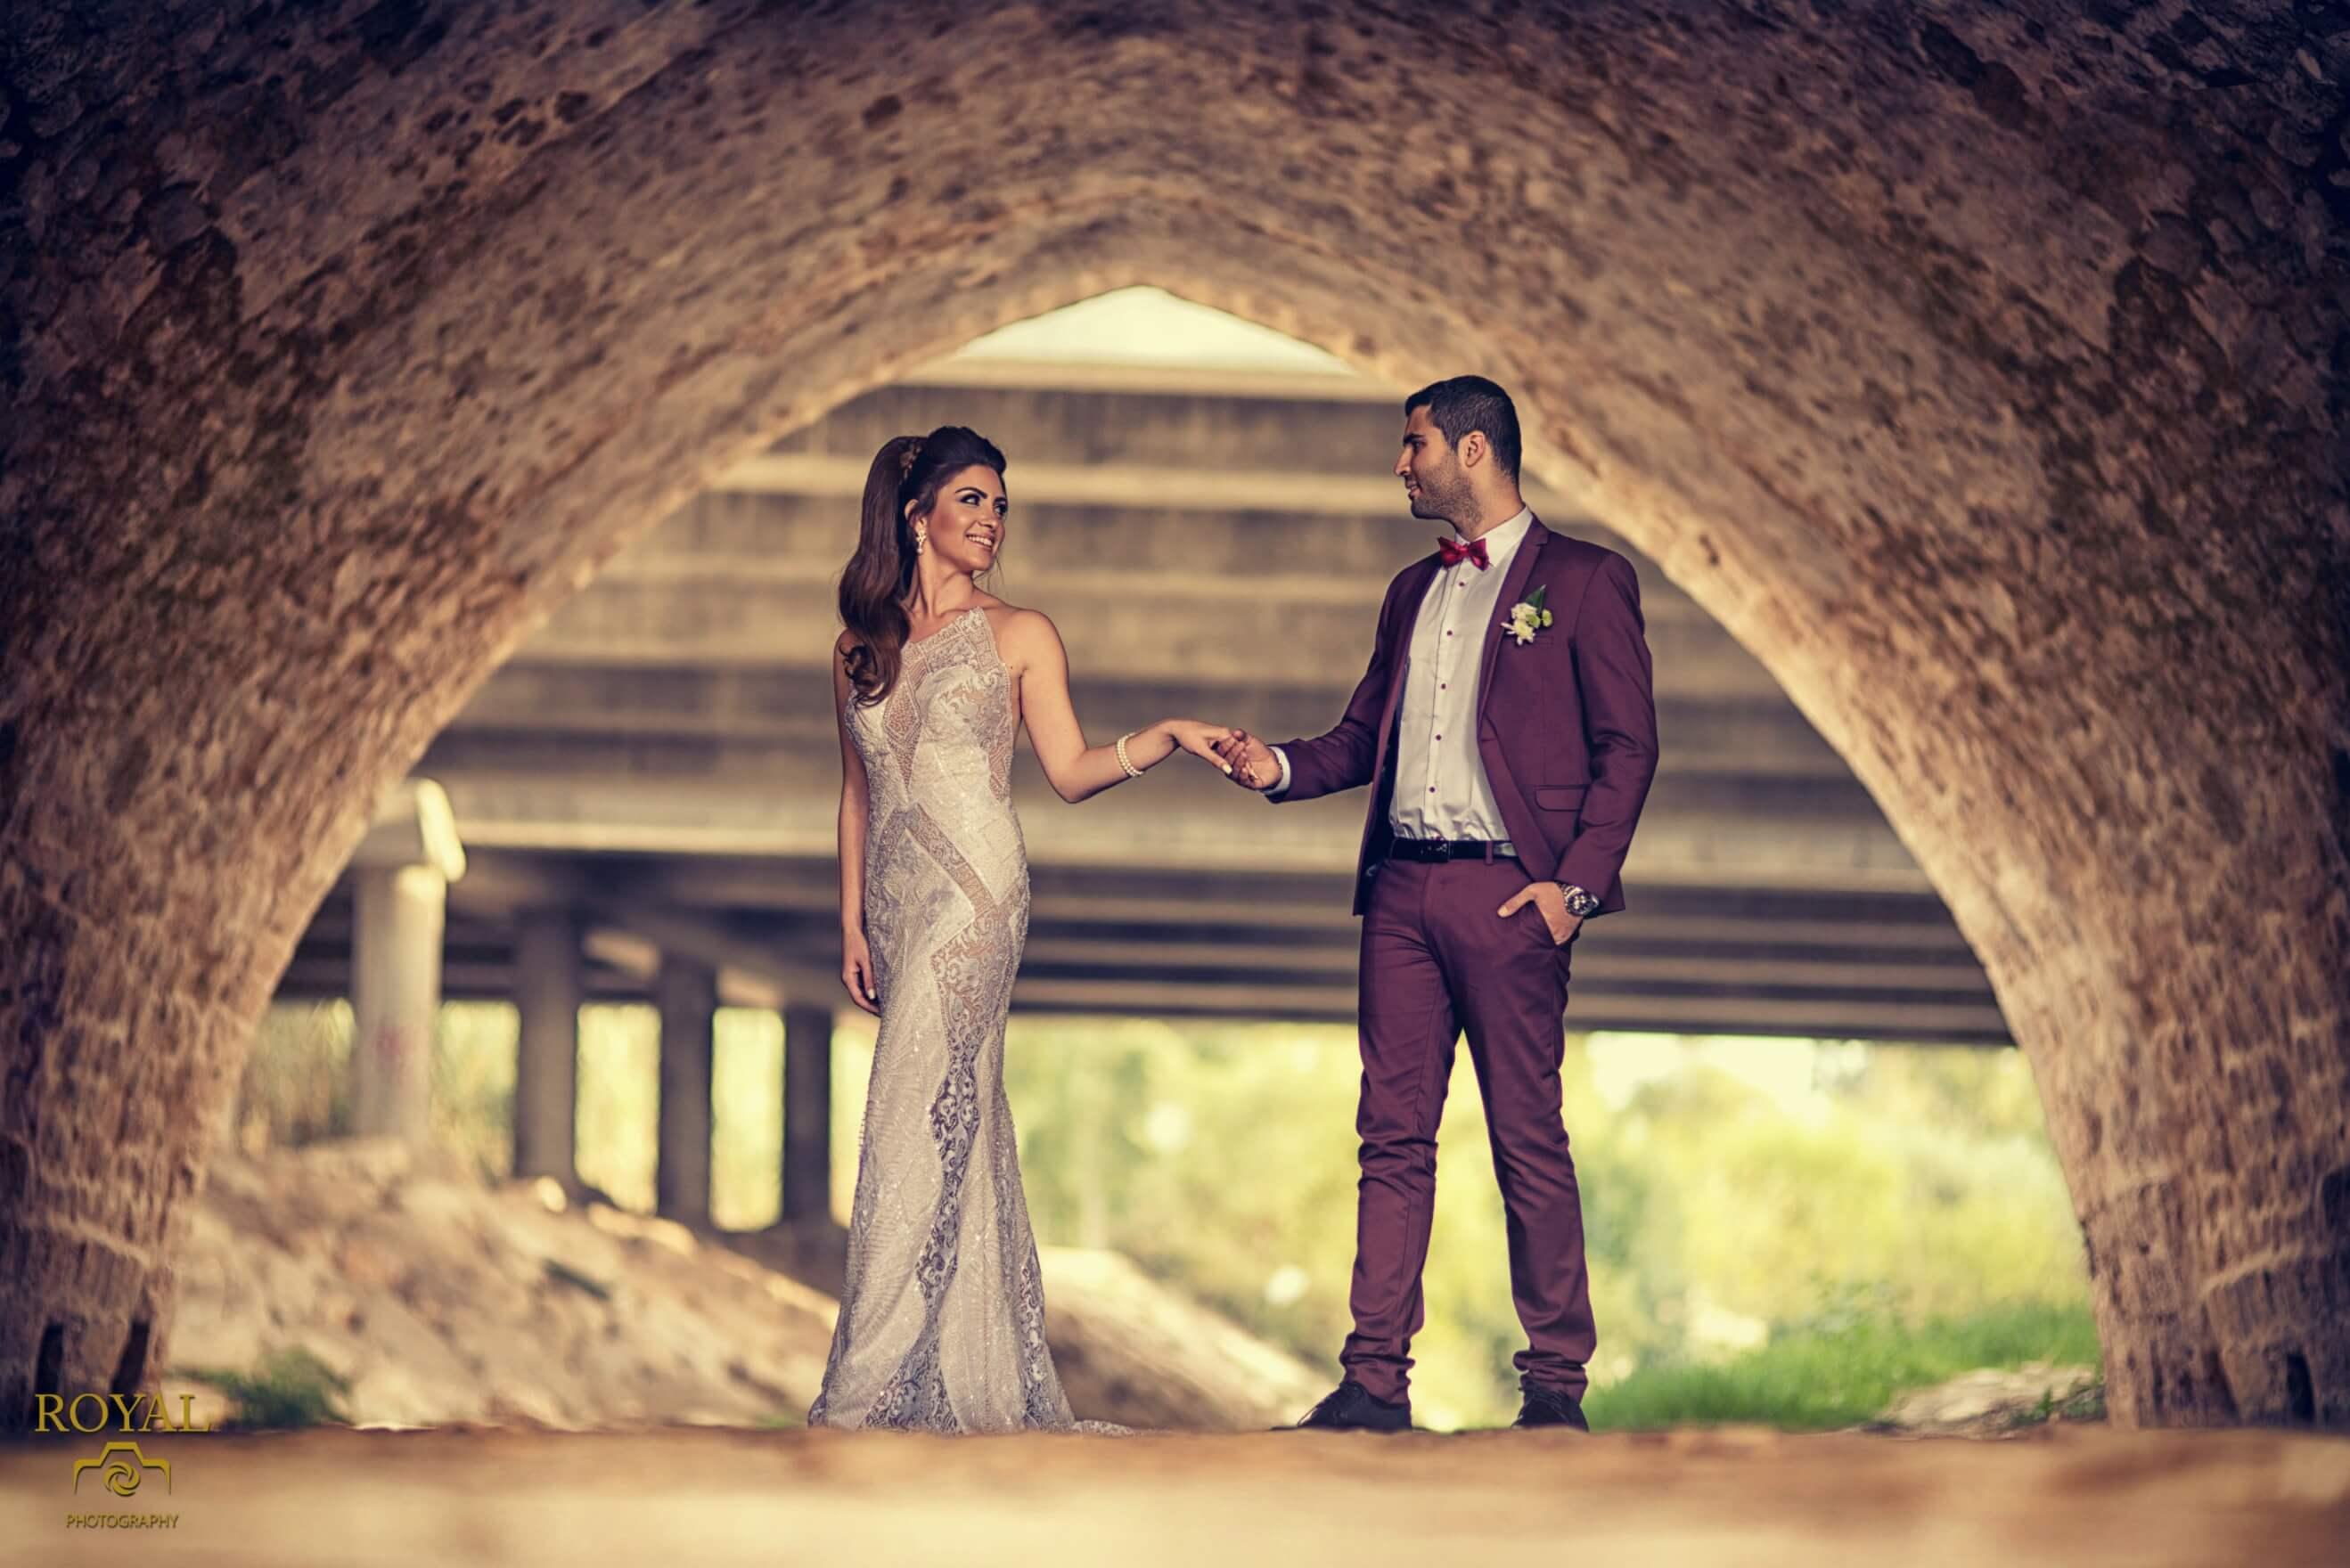 תמונות חתונה - רויאל סטודיו לצילום